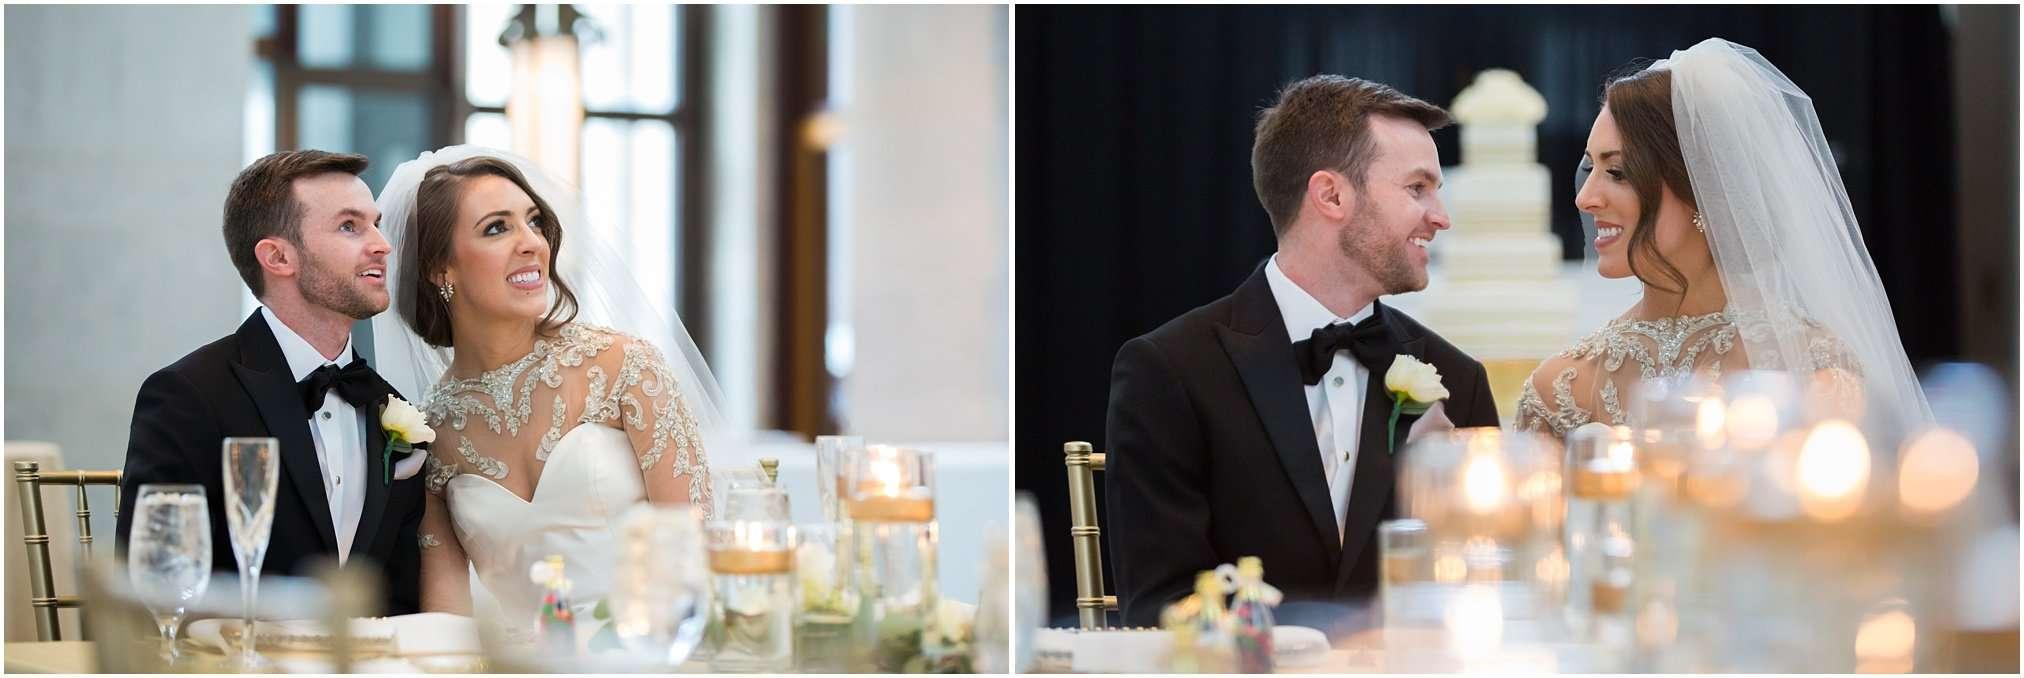 Spring Wedding at the Ohio Statehouse | Columbus Ohio Photography 168